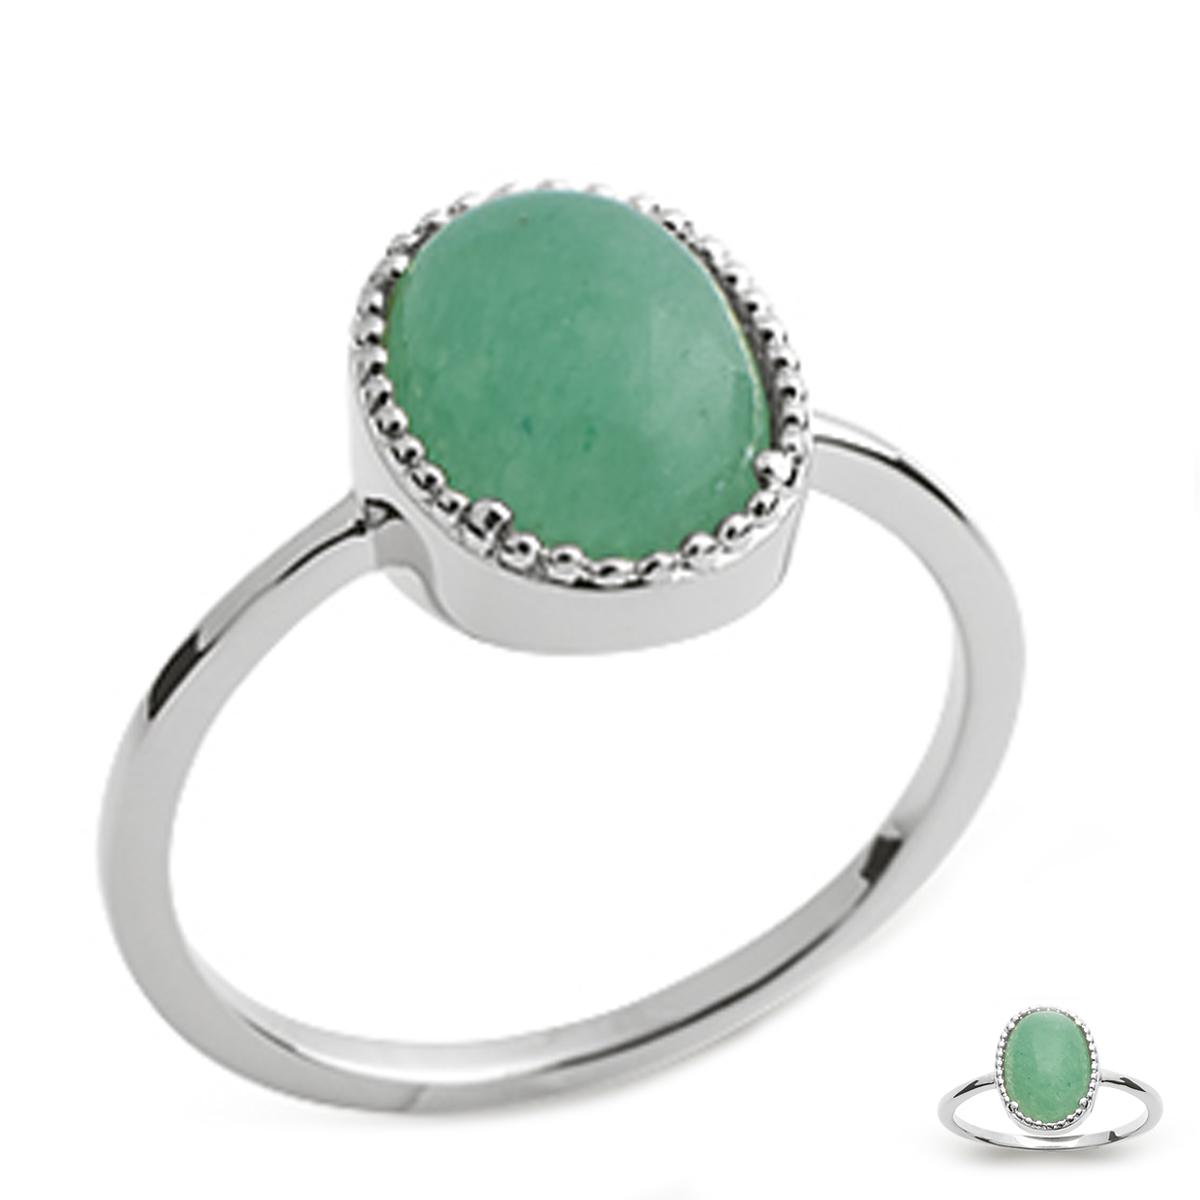 Bague Argent \'Cléopatra\' vert aventurine argenté (rhodié) - 12x9 mm - [Q4728]